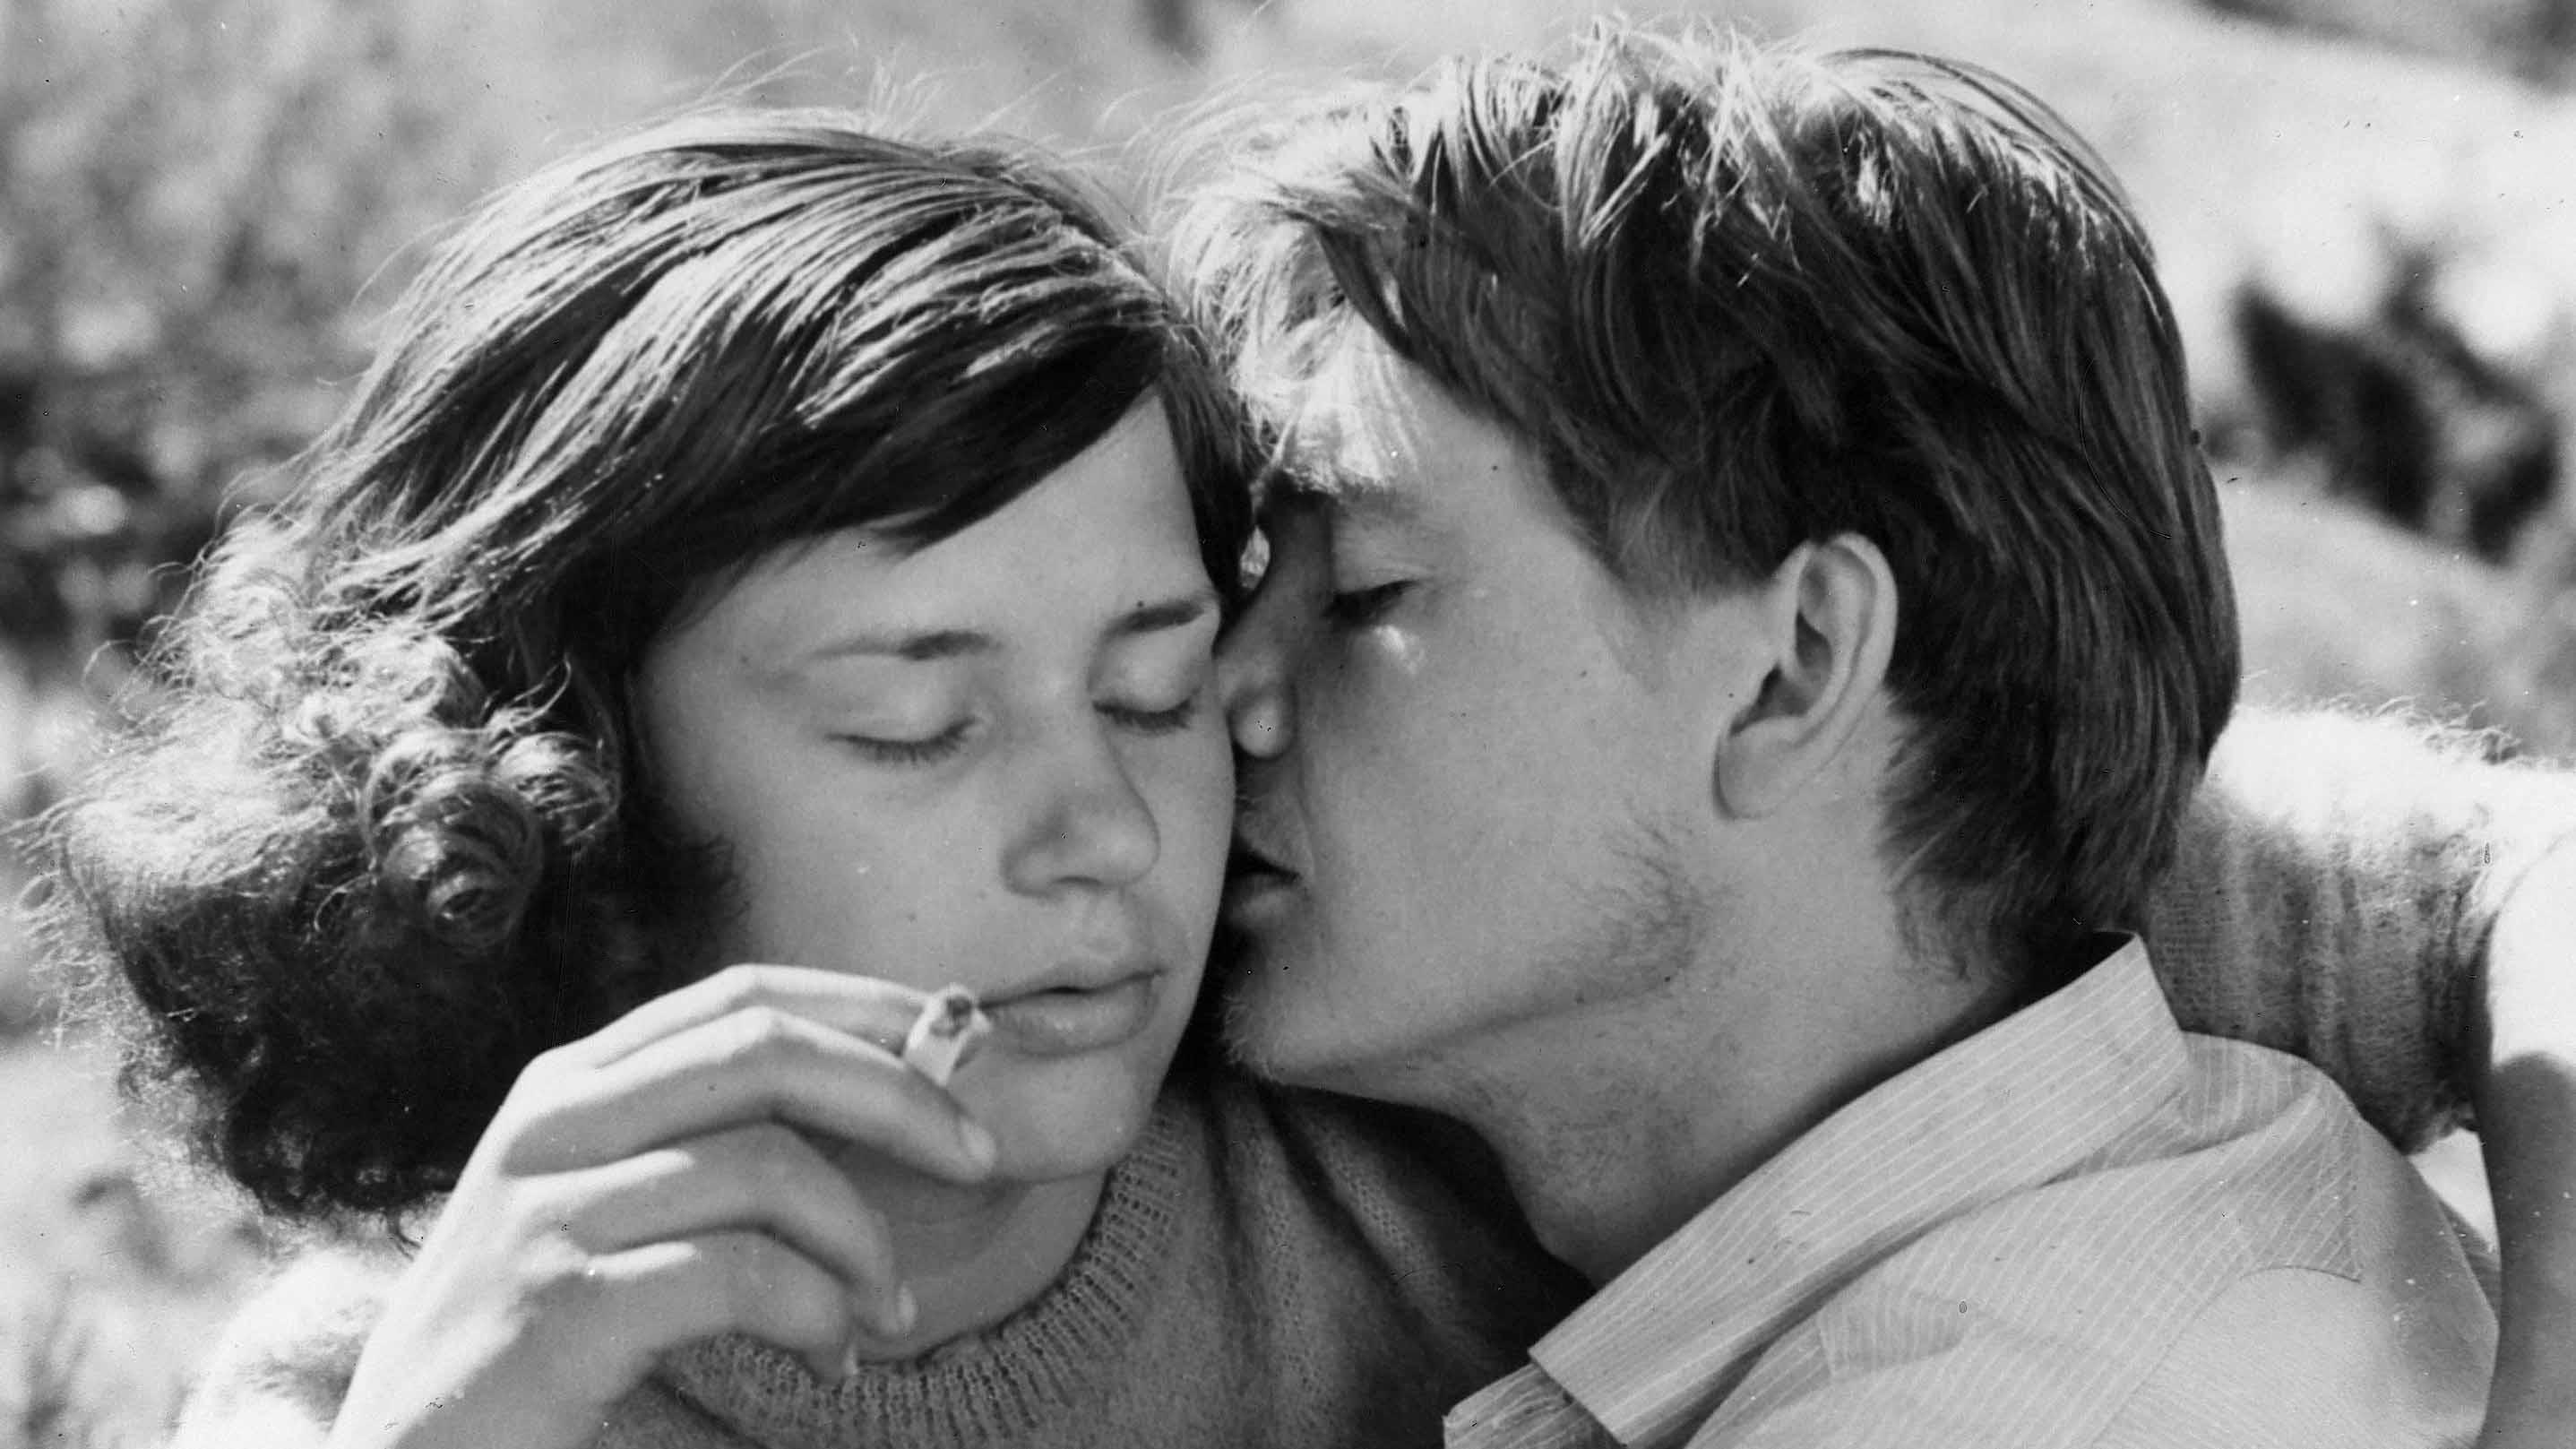 Speciale Bergman 100 - Monica e il desiderio